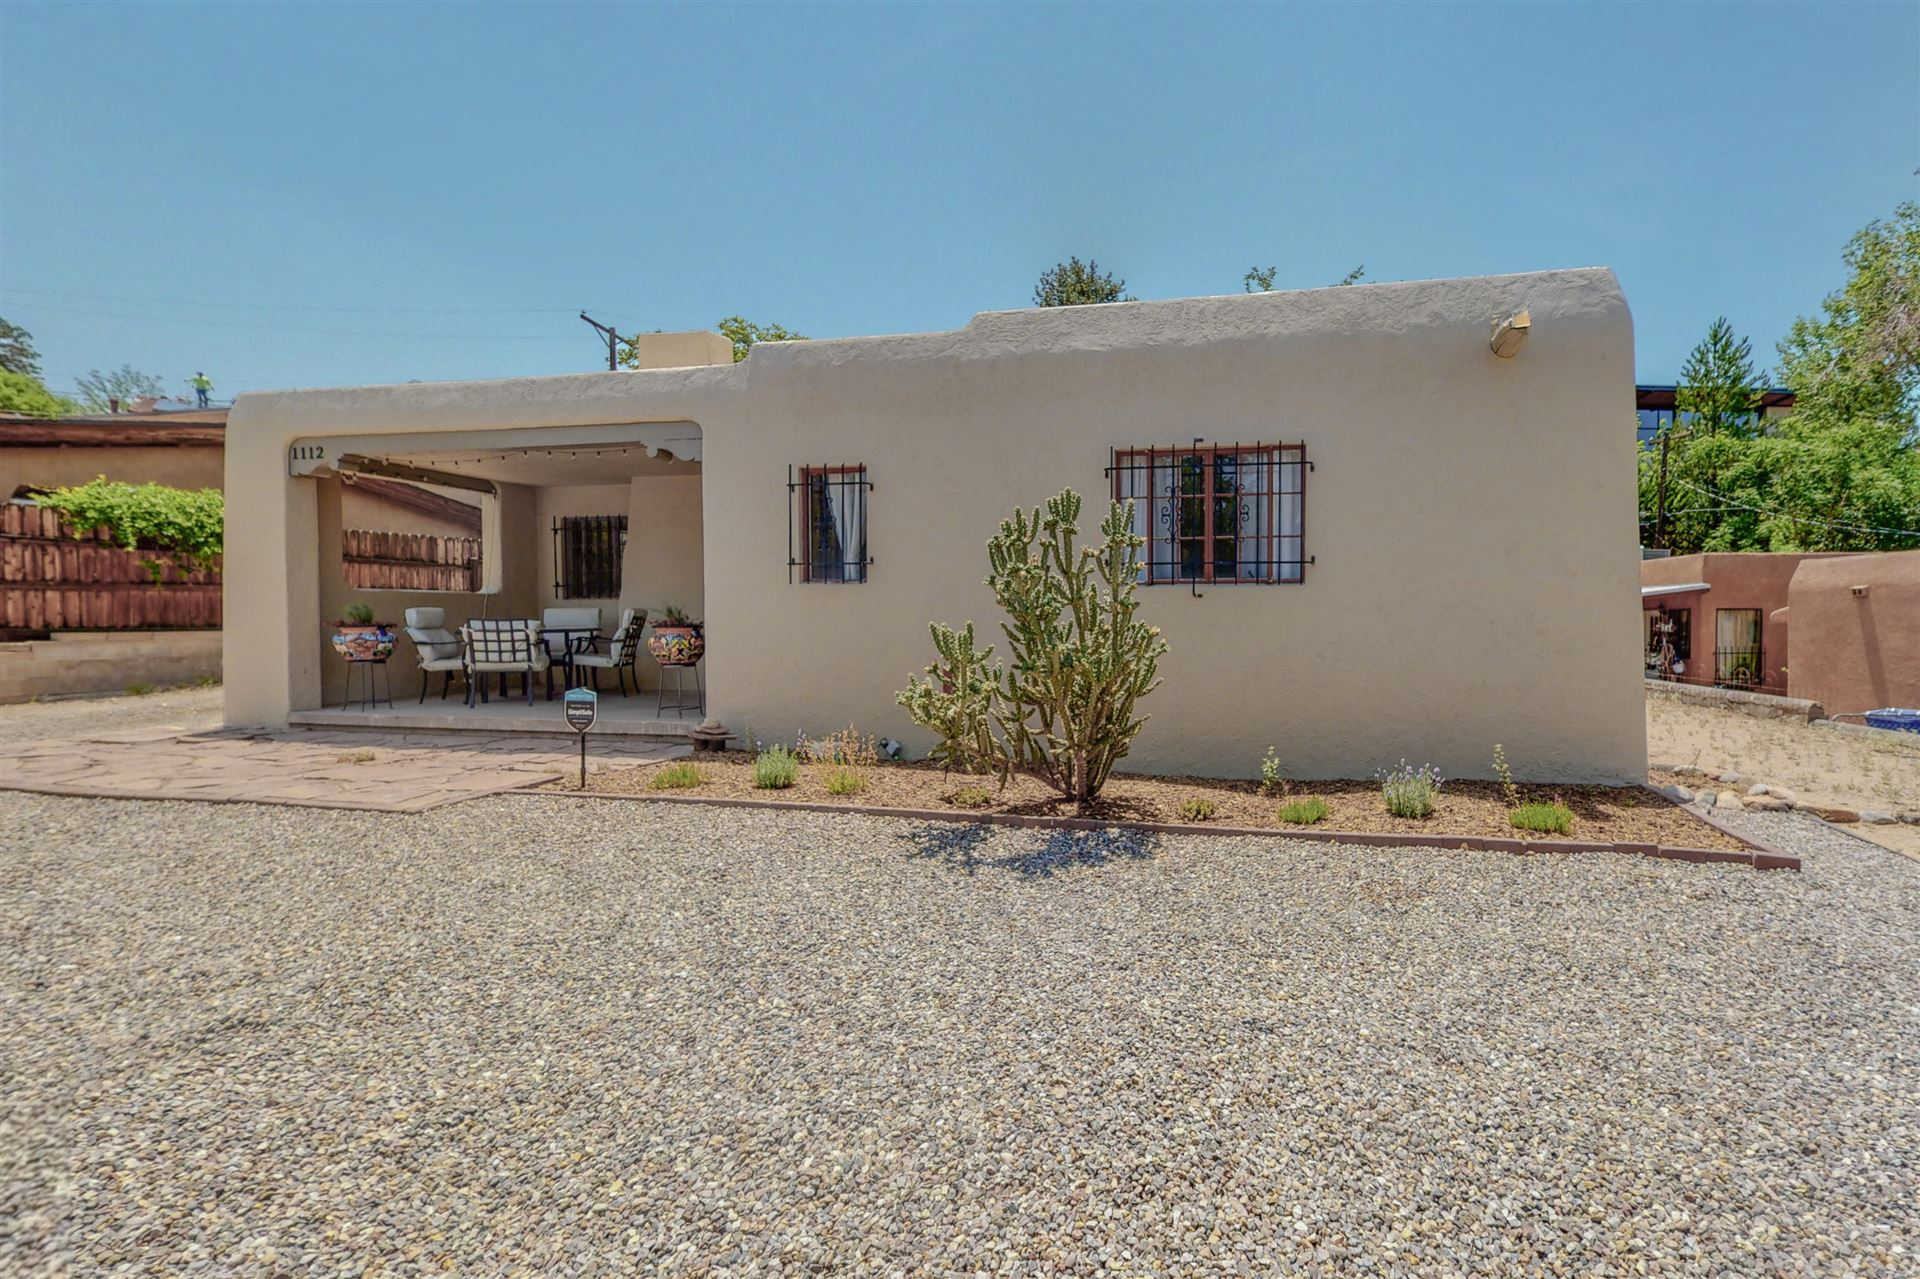 Photo of 1112 ROMA Avenue NE, Albuquerque, NM 87106 (MLS # 994690)